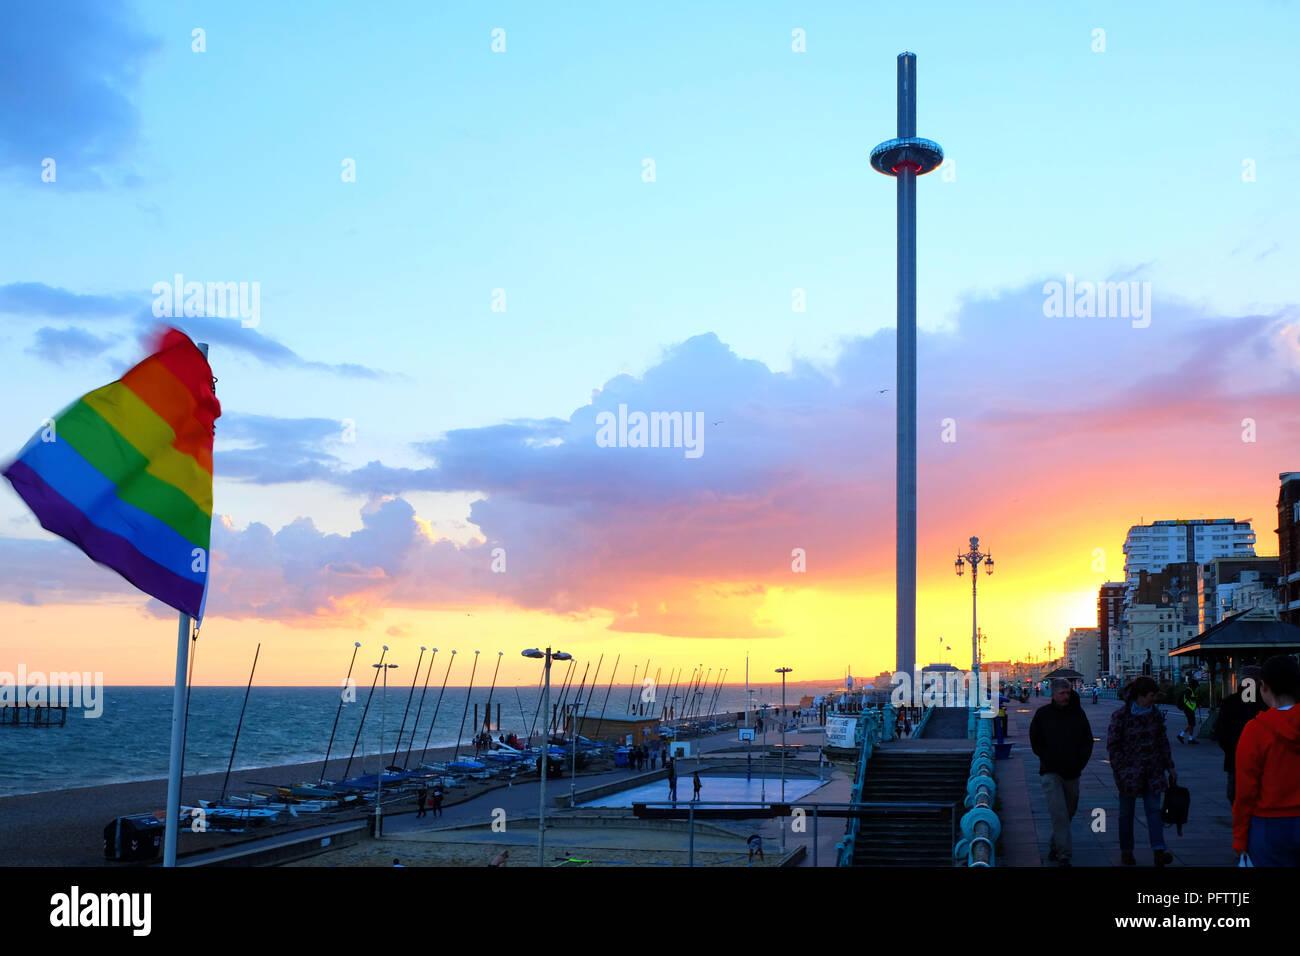 Brighton Promenade bei Sonnenuntergang mit der beweglichen aussichtsturm in der Mitte der Promenade sehr beschäftigt ist ein Stolz Flagge im Hintergrund fliegen ist der Himmel Ich Stockbild